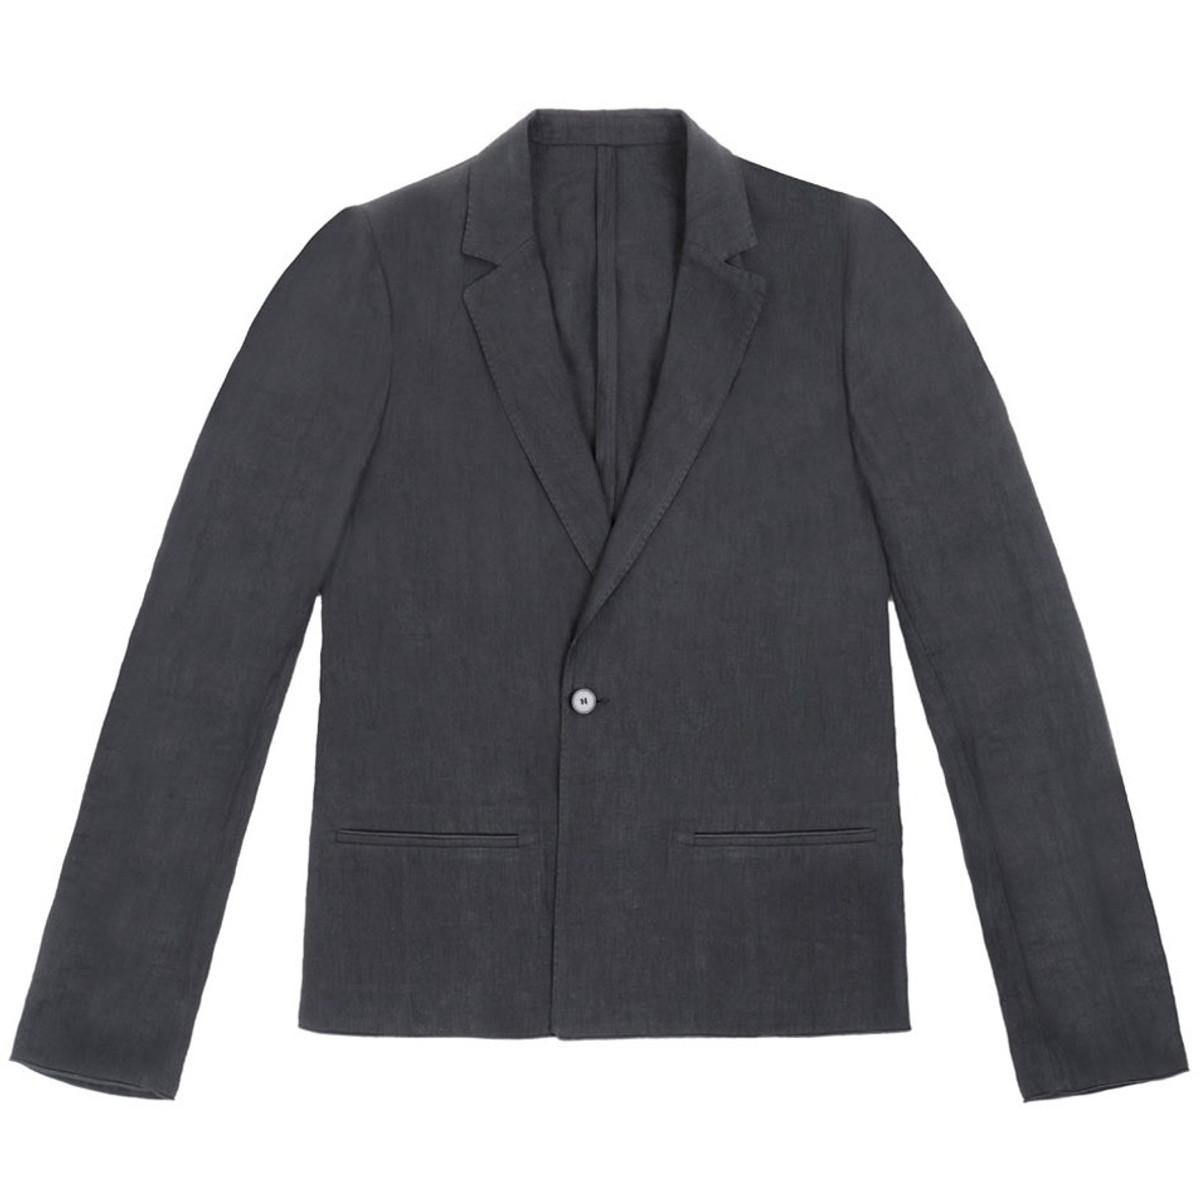 65d6d31cf5e9 Haider Ackermann Black Linen Jacket for Men | Alan Bilzerian